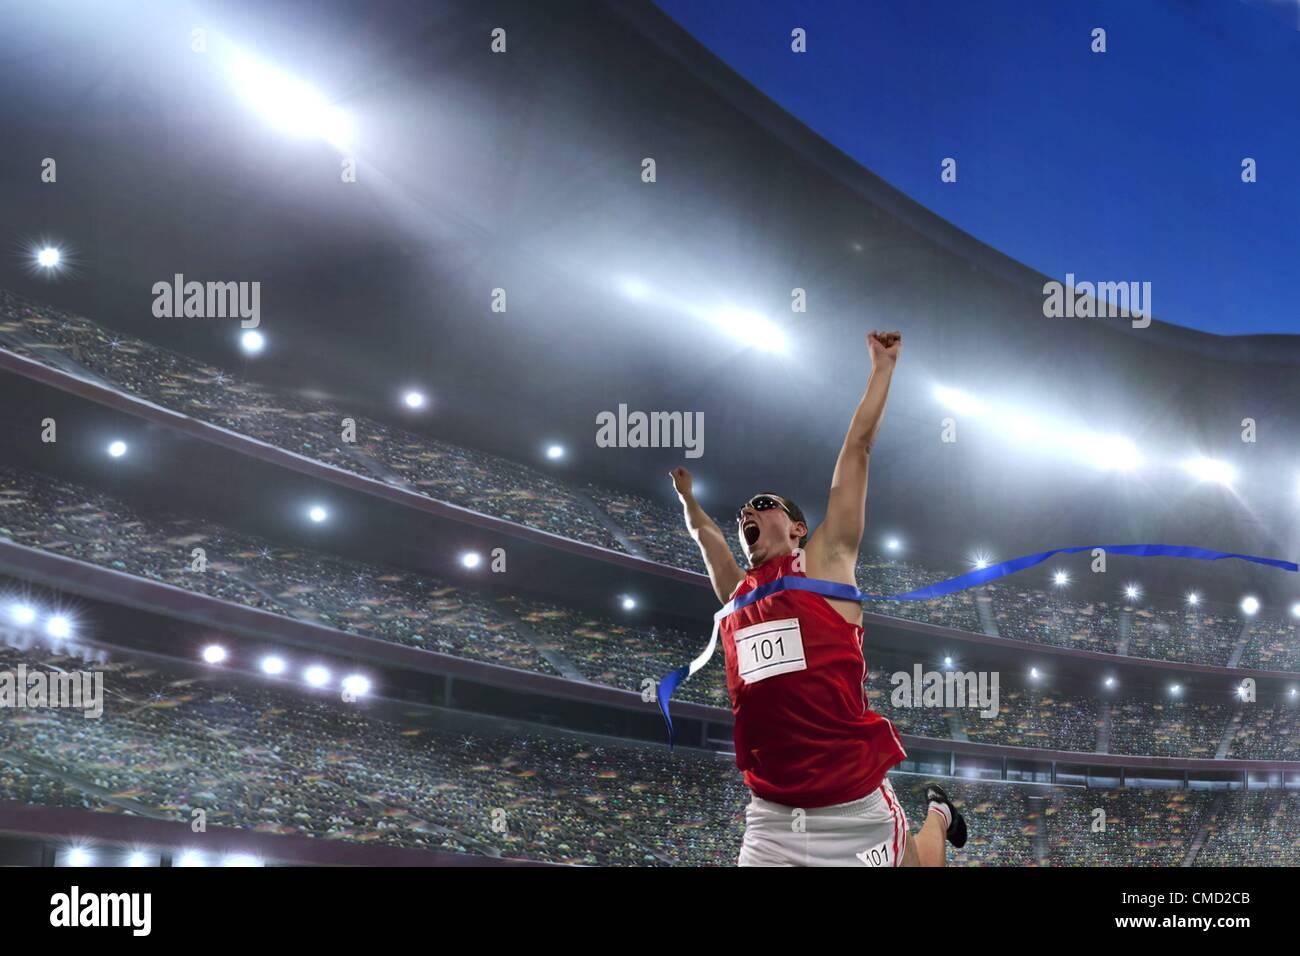 08.11.2011. Modello rilasciato la foto di un atleta maschio per celebrare la sua vittoria in un Athletics Stadium Immagini Stock